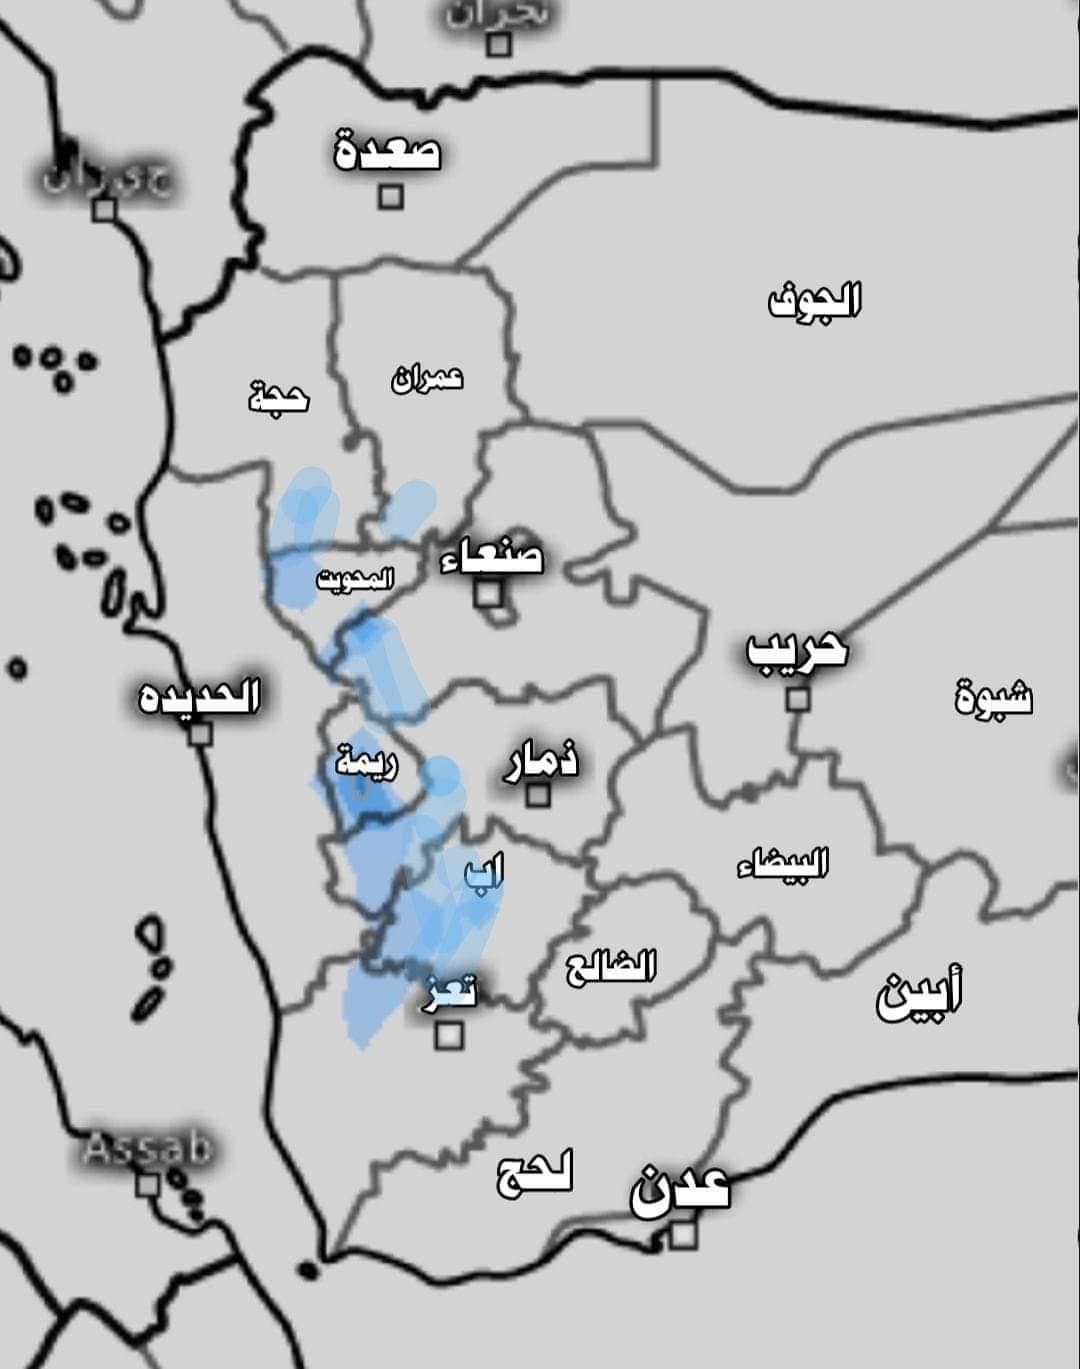 نتائج كارثية ان استمر الطقس باليمن بهذا الوضع